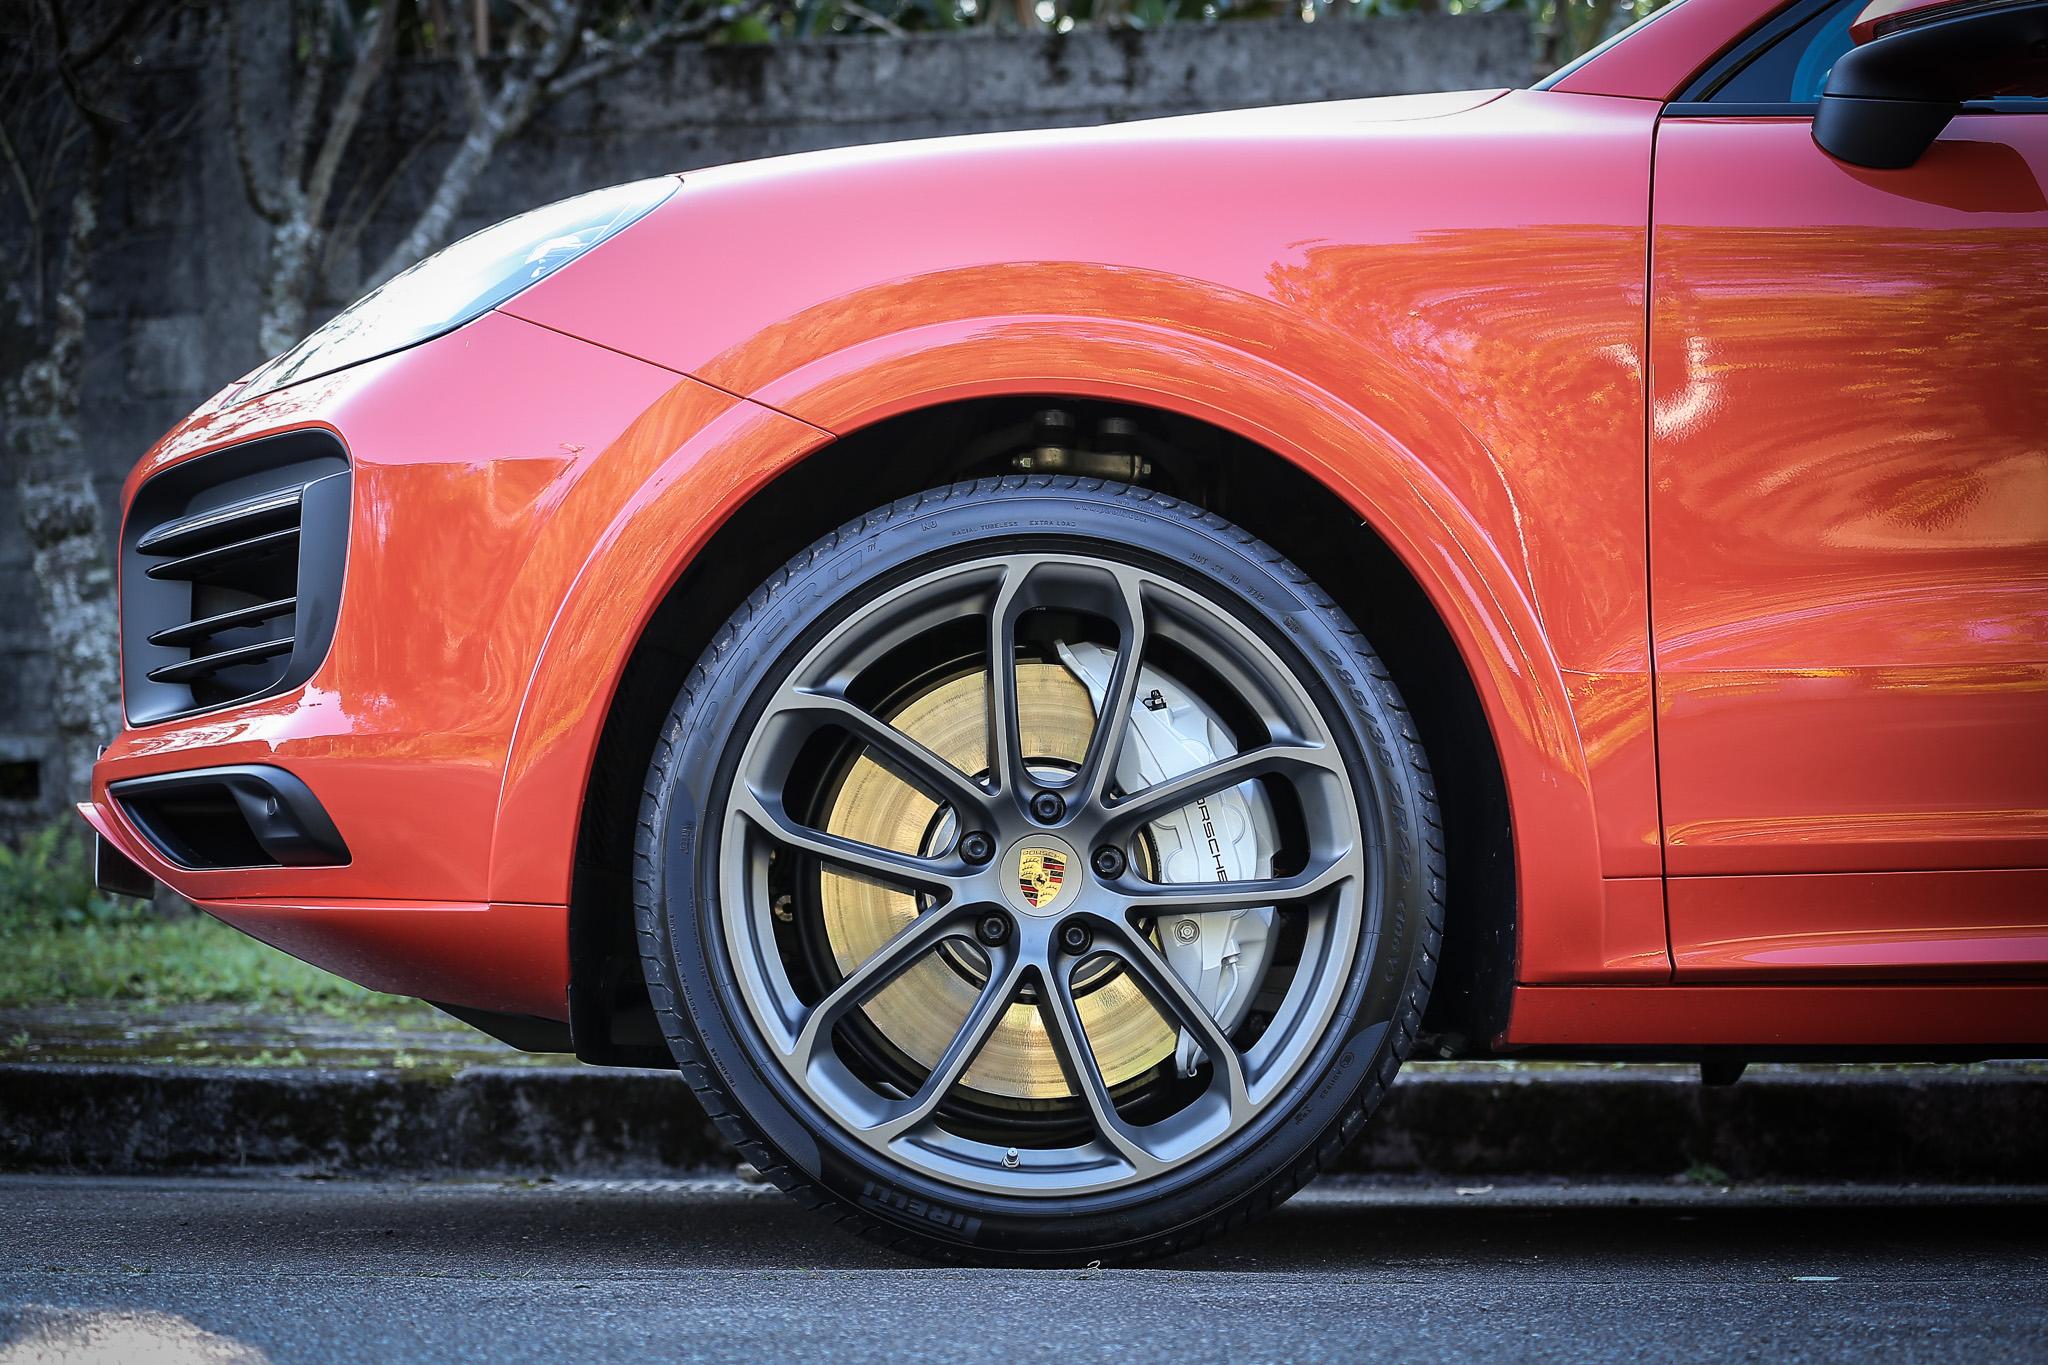 22 吋輕量化輪圈包含在輕量化跑車套件內。